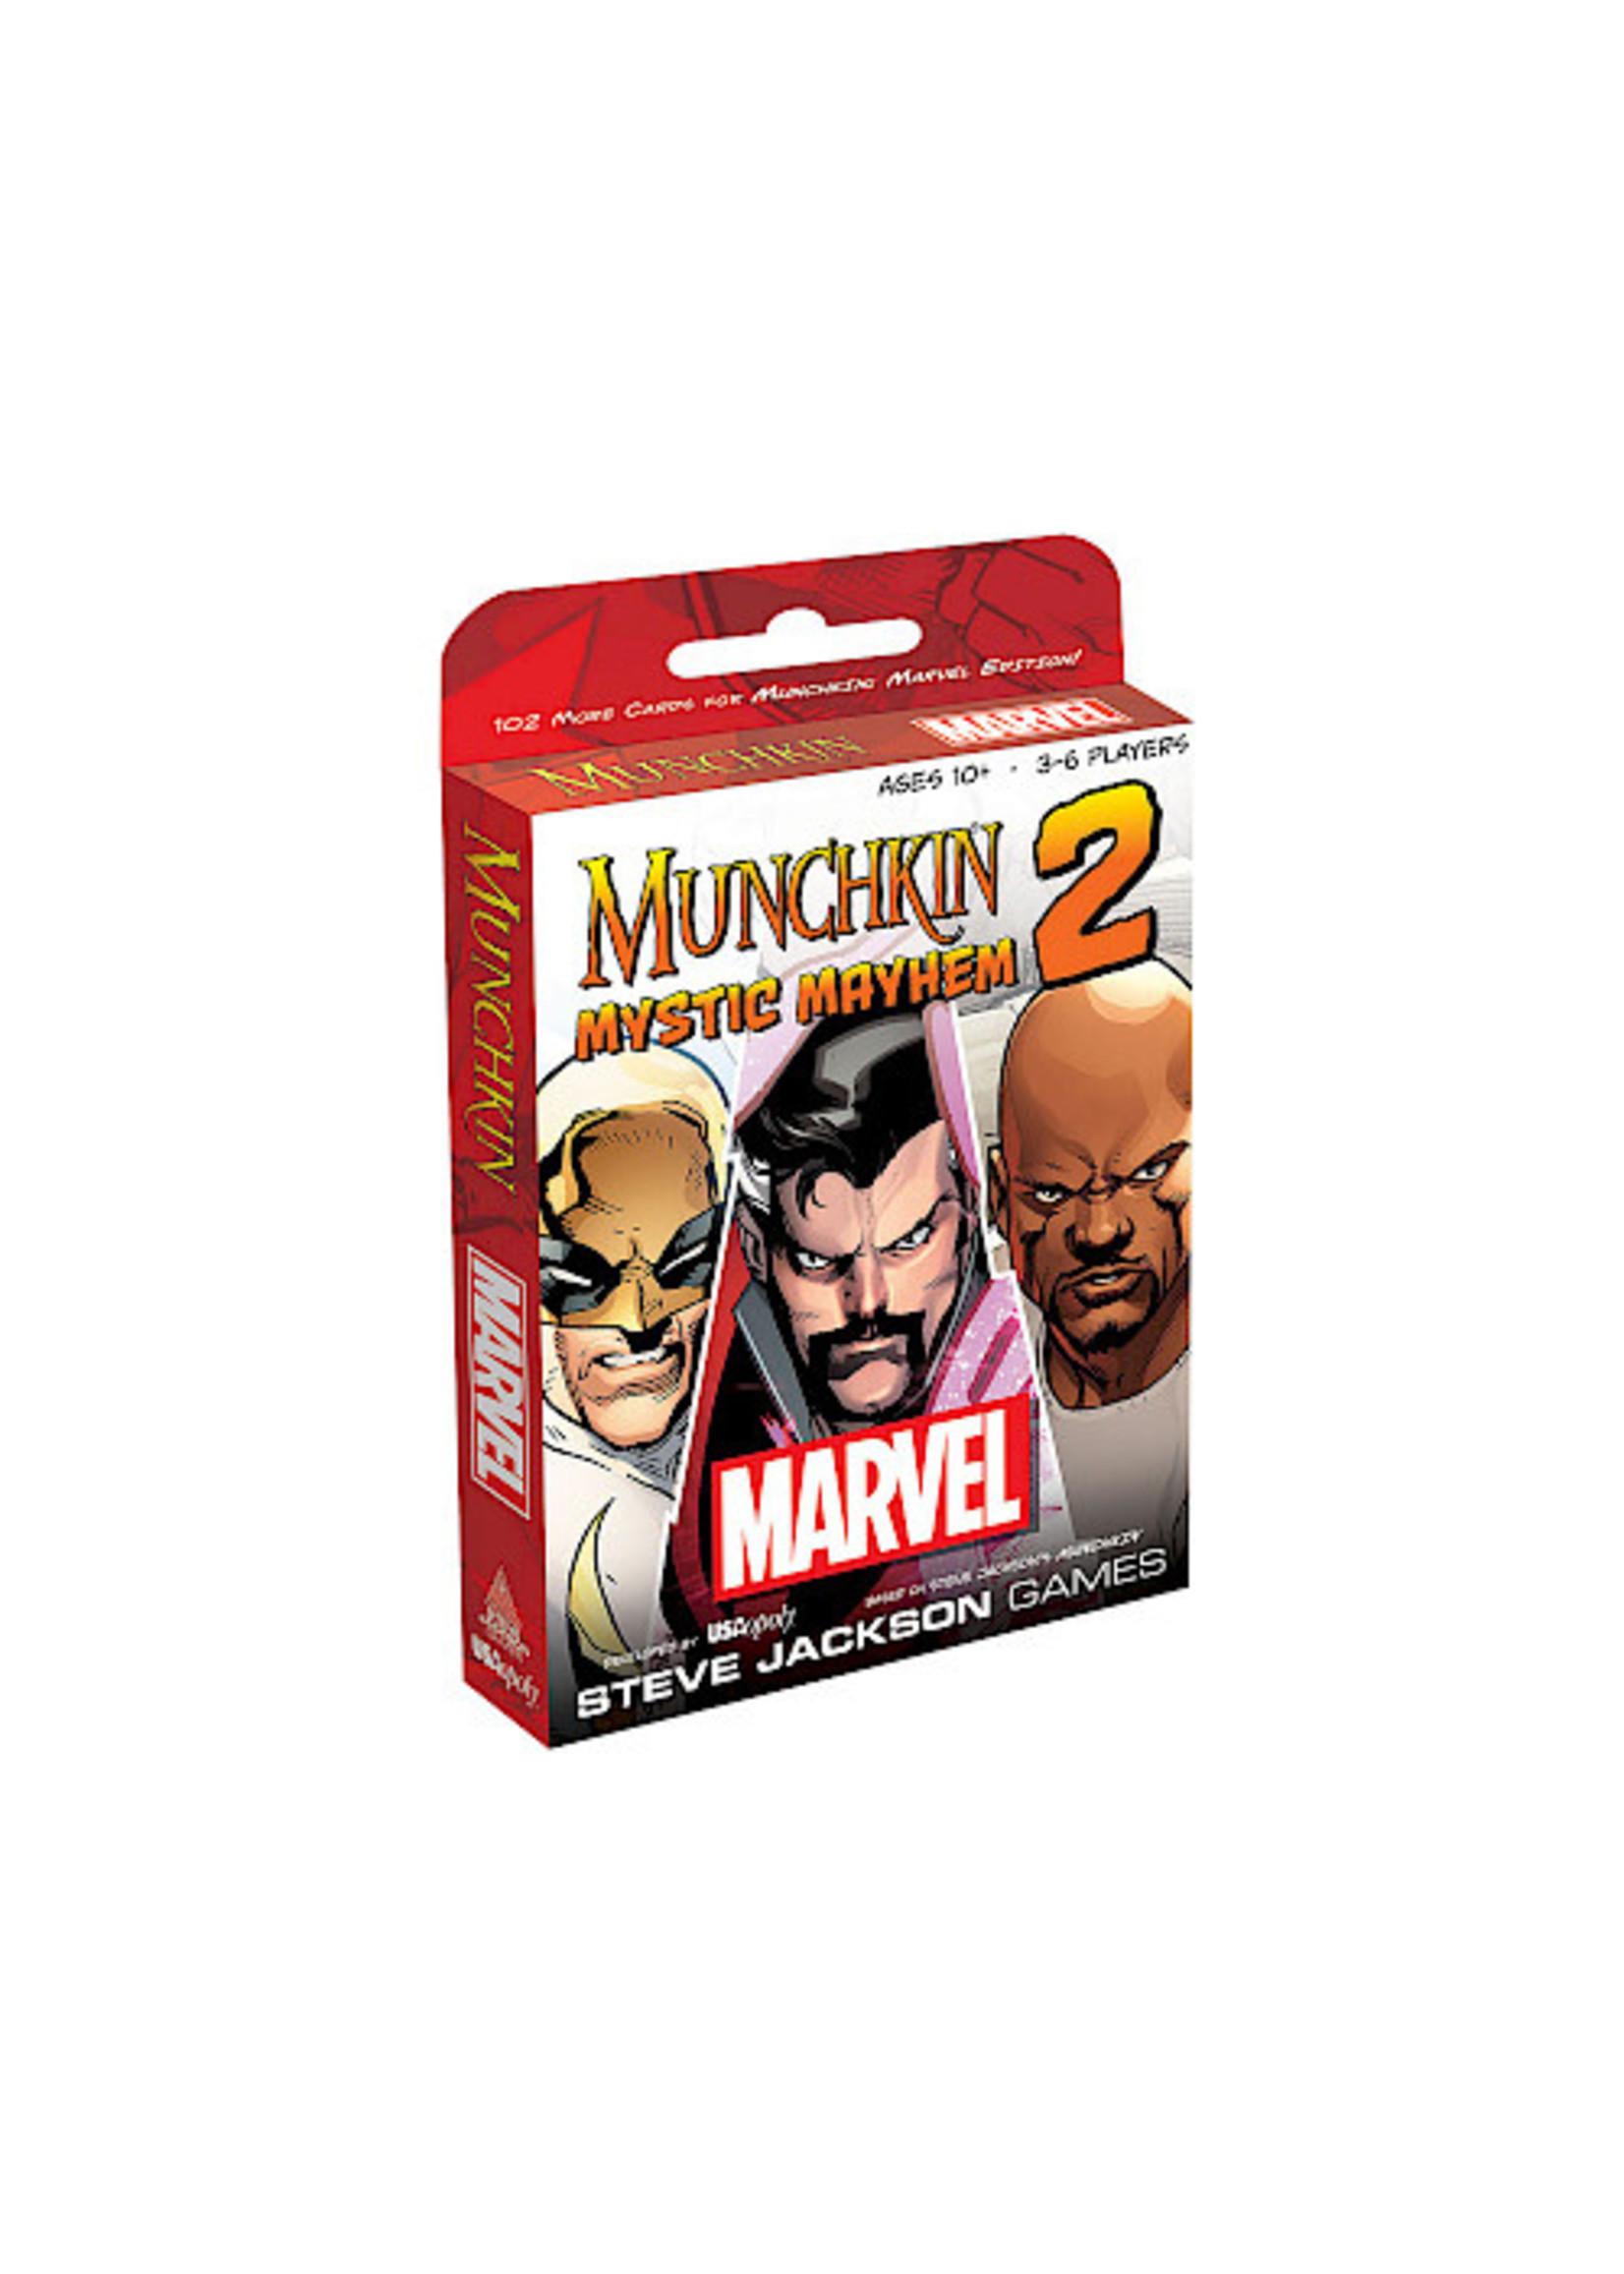 Munchkin: Marvel Edition 2 - Mystic Mayhem Expansion